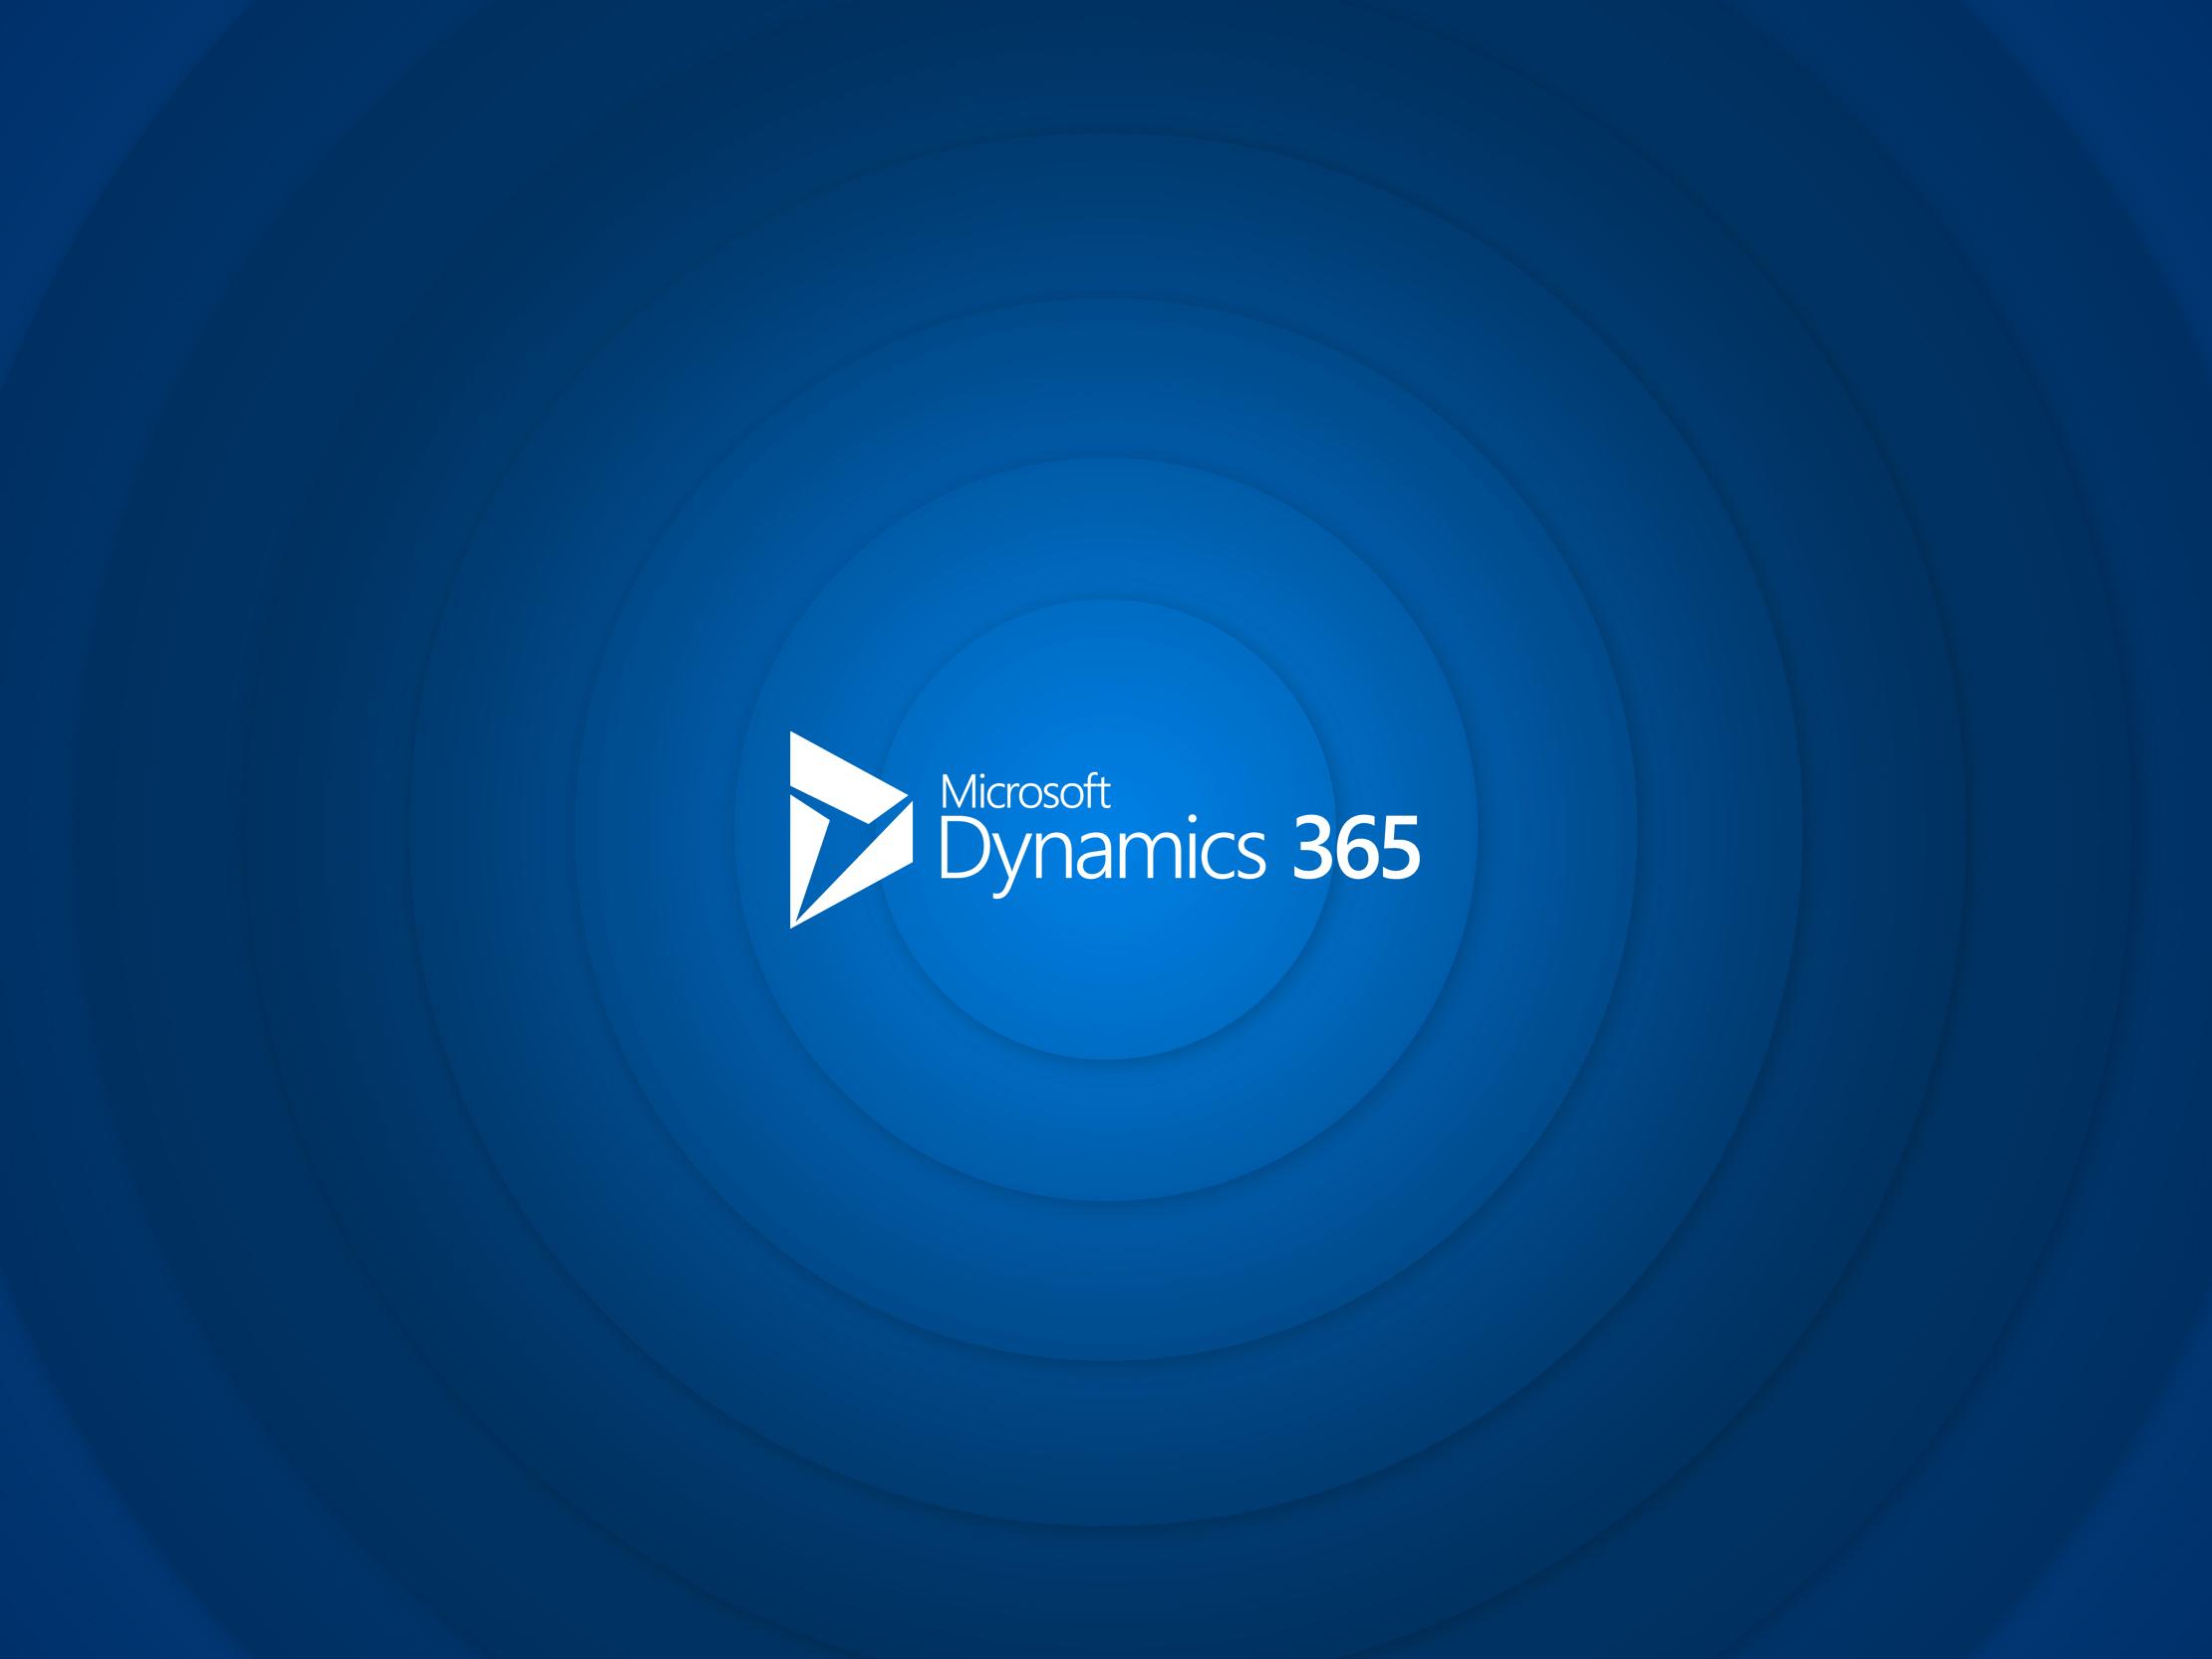 5 gode grunde til at tage en MCSA Microsoft Dynamics 365